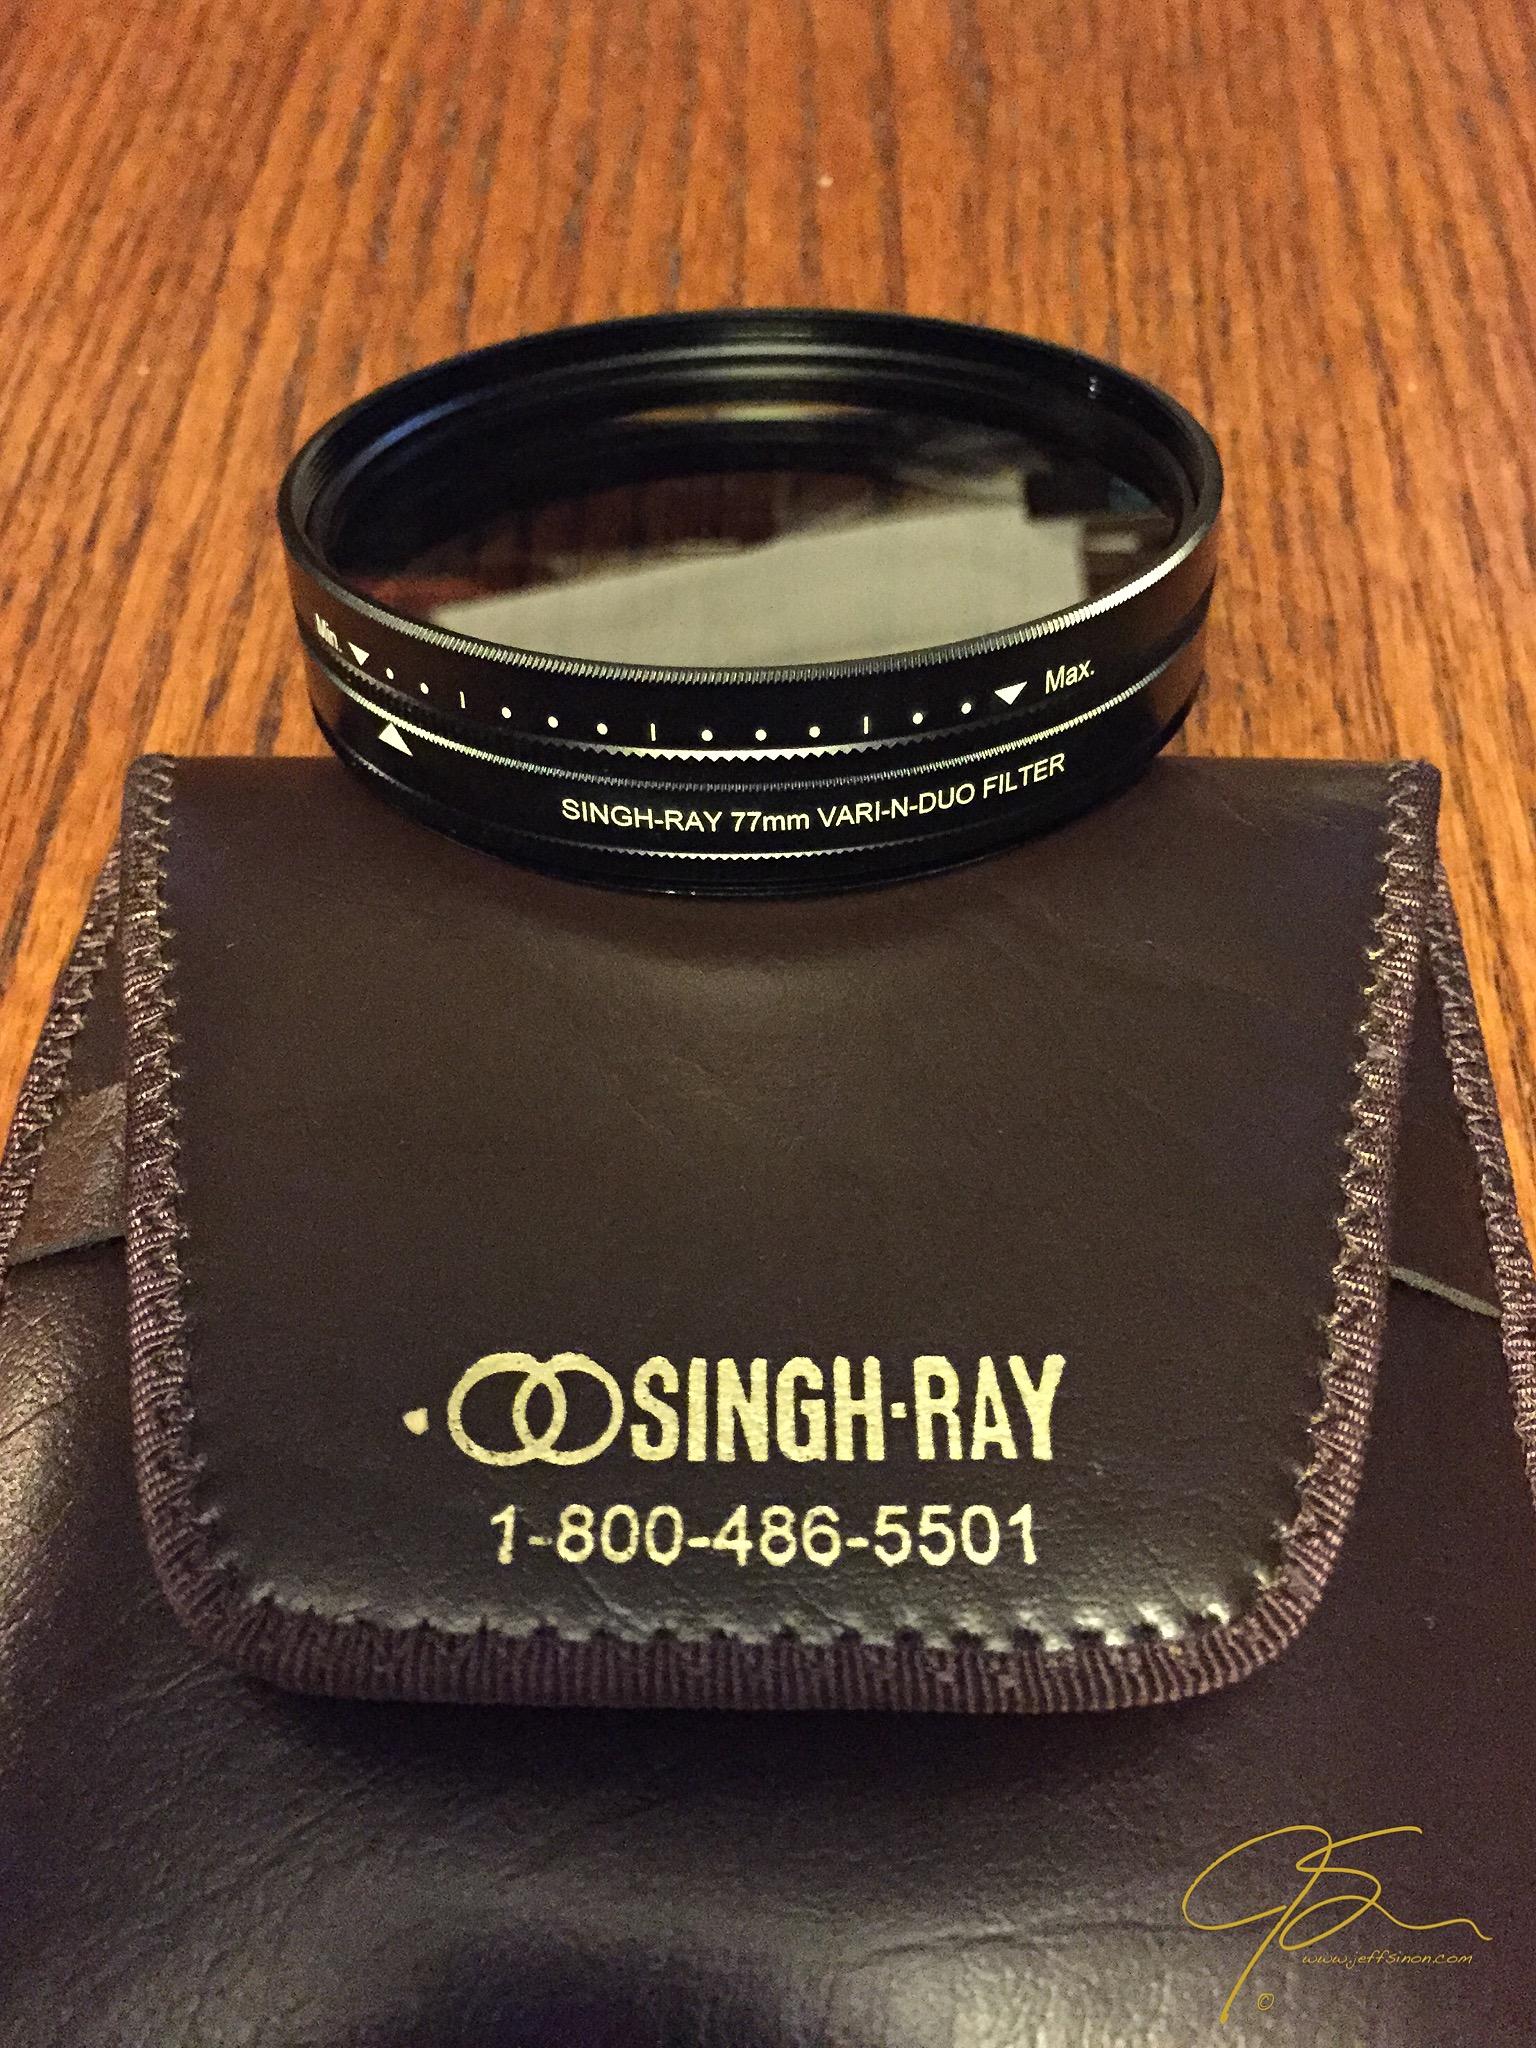 singh_ray_vari_n_duo_1282